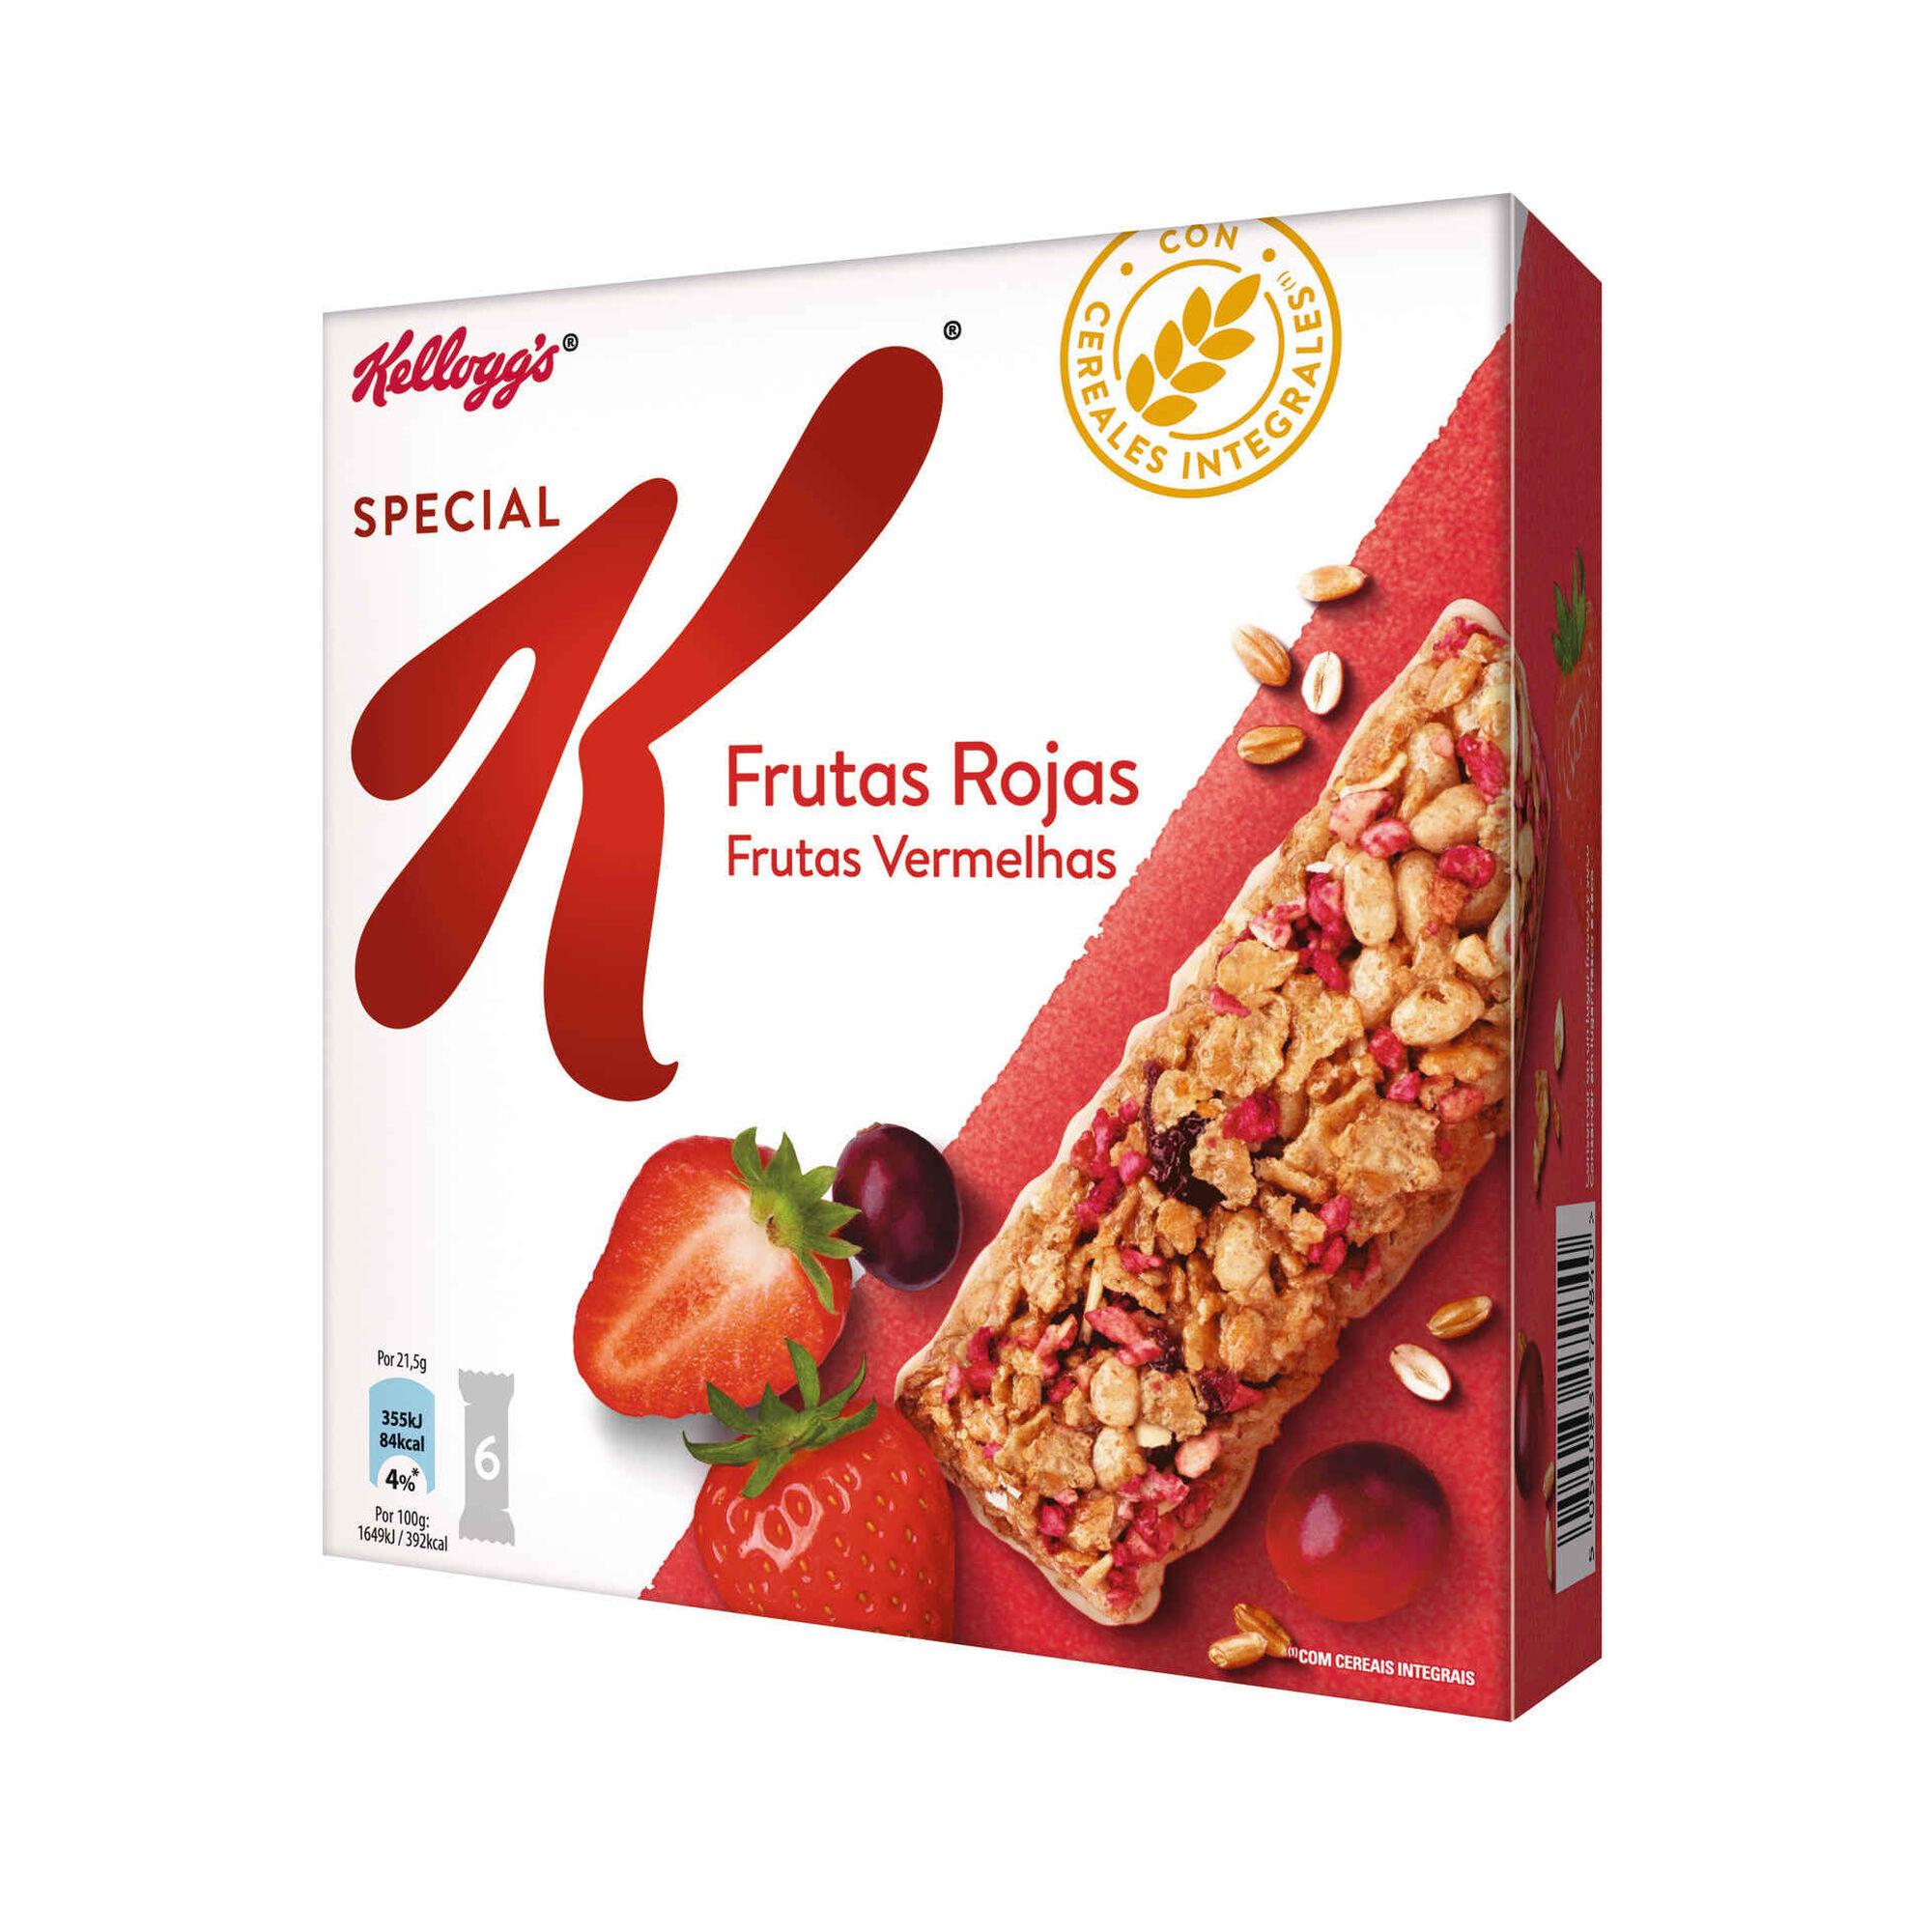 Barras de Cereais Frutos Vermelhos Special K